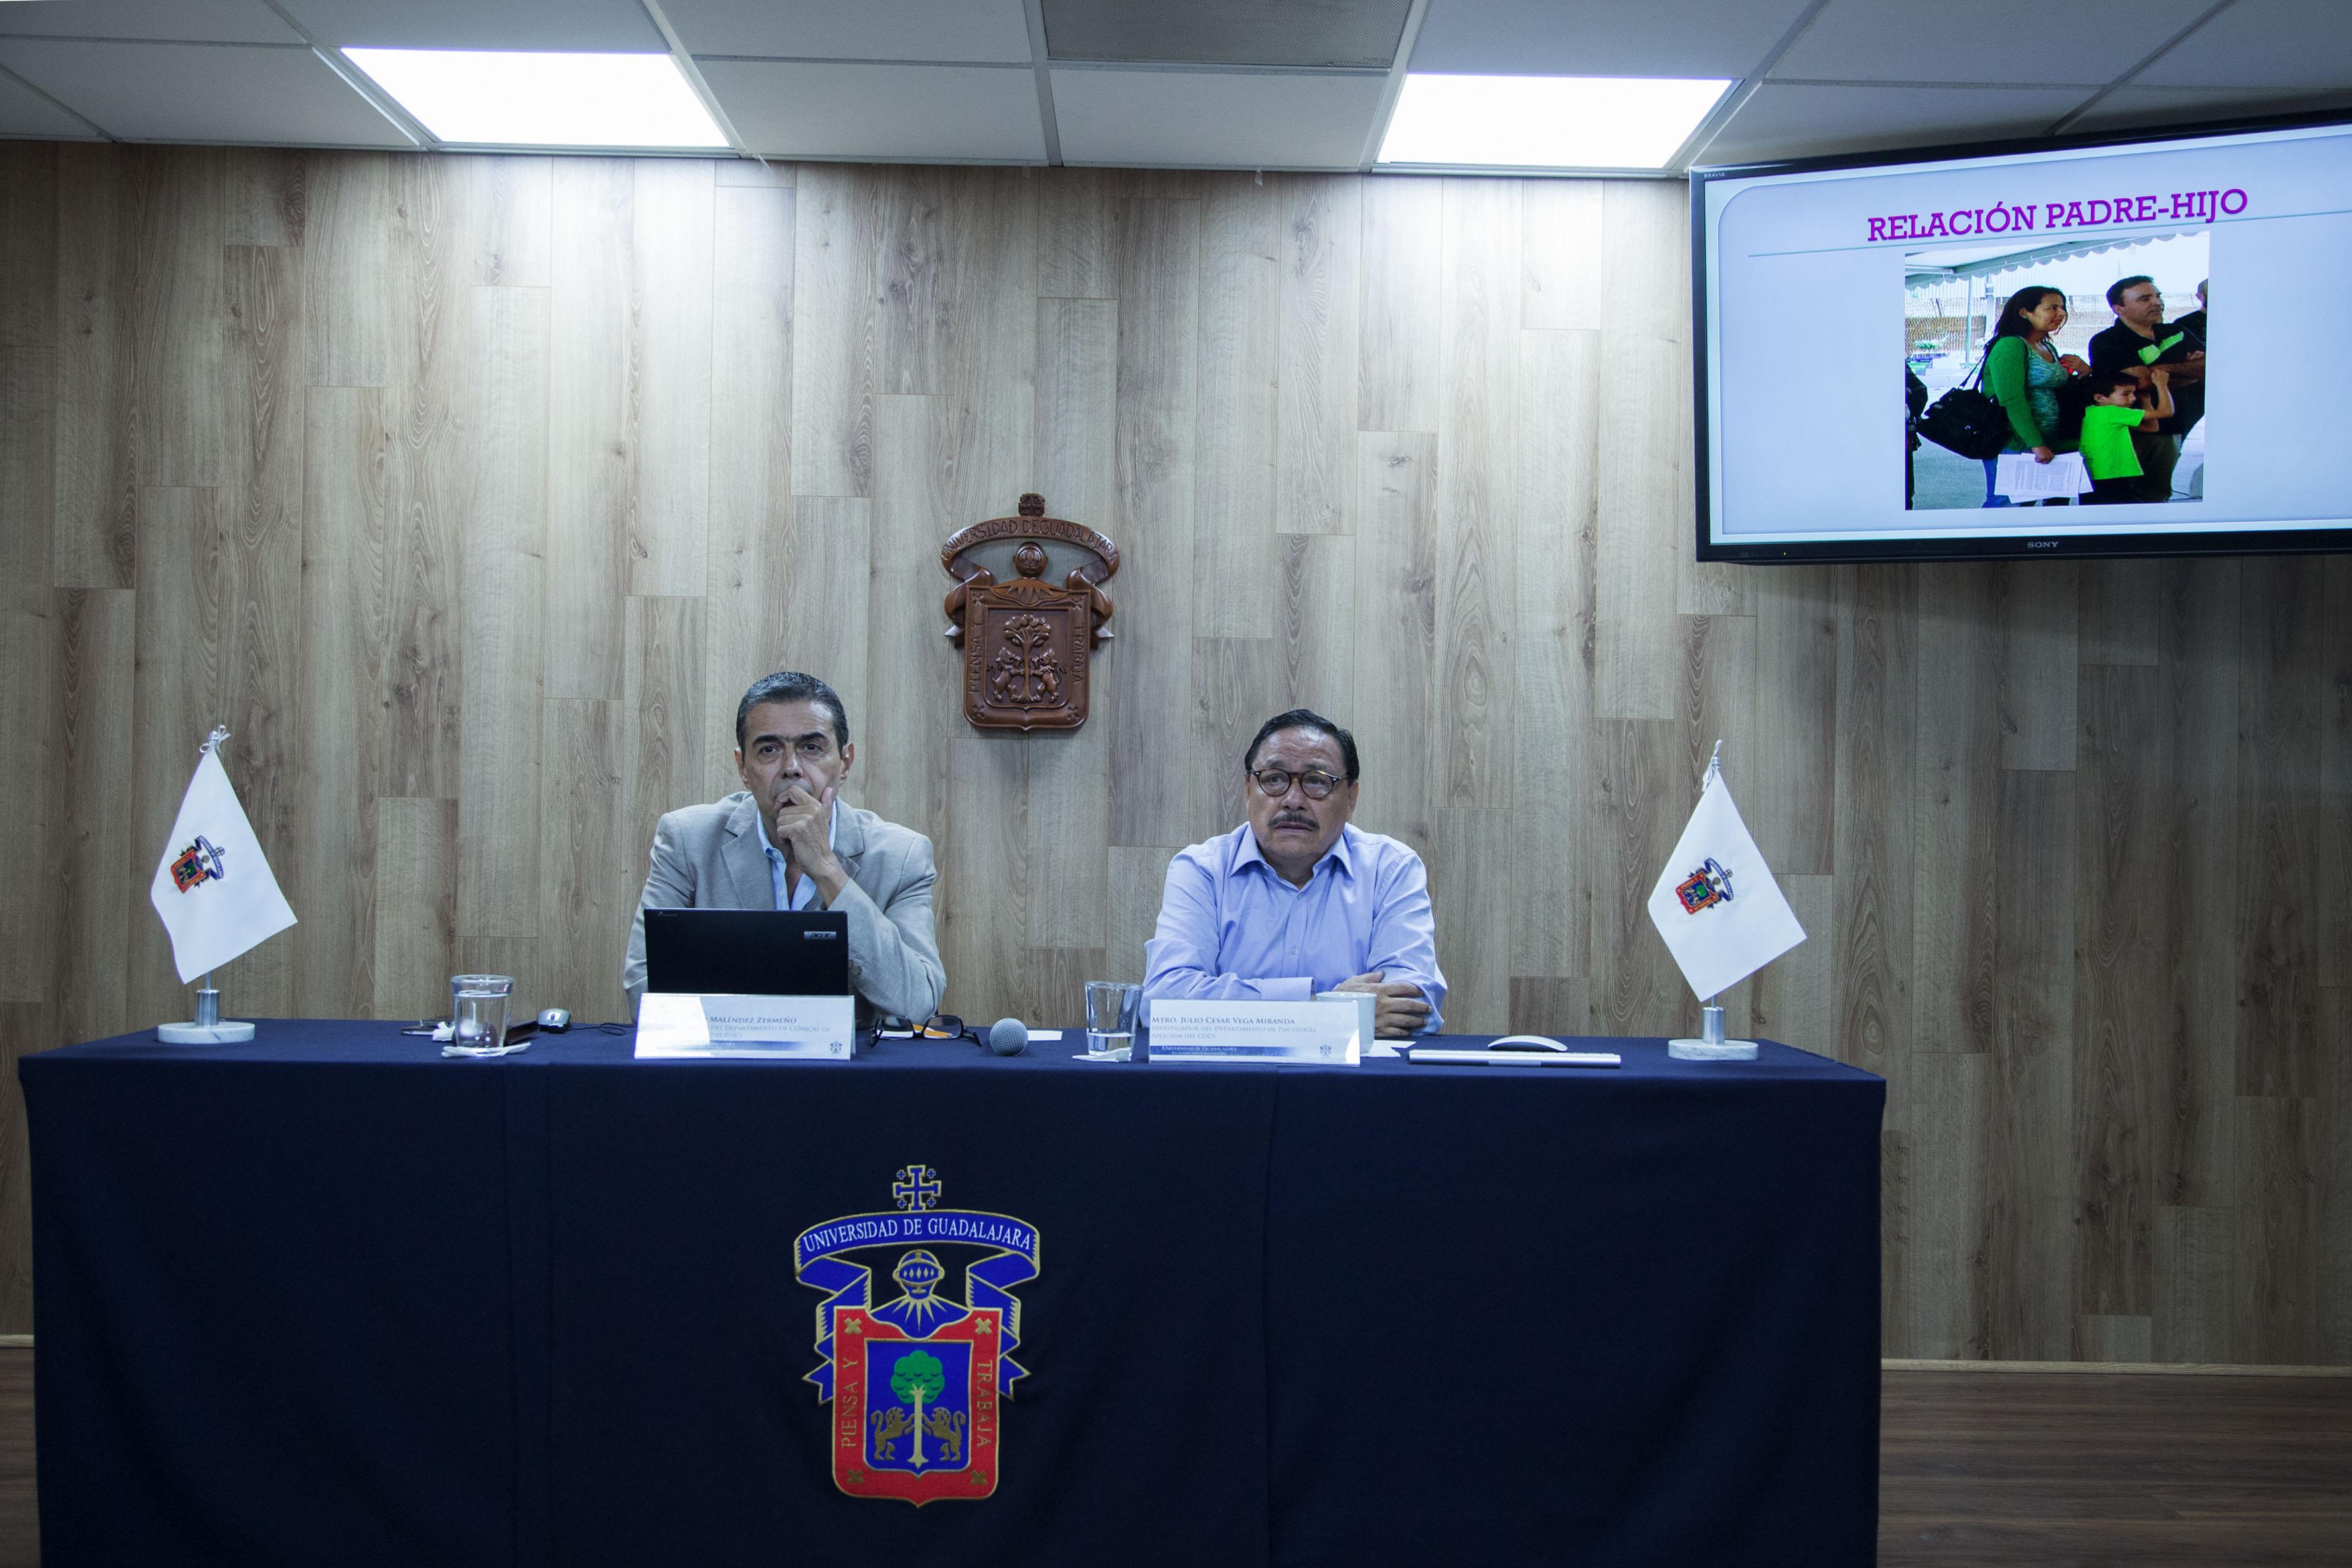 doctor Flavio Melendez Zermeño y maestro julio cesar vega miranda en presentacion de relacion padre hijo